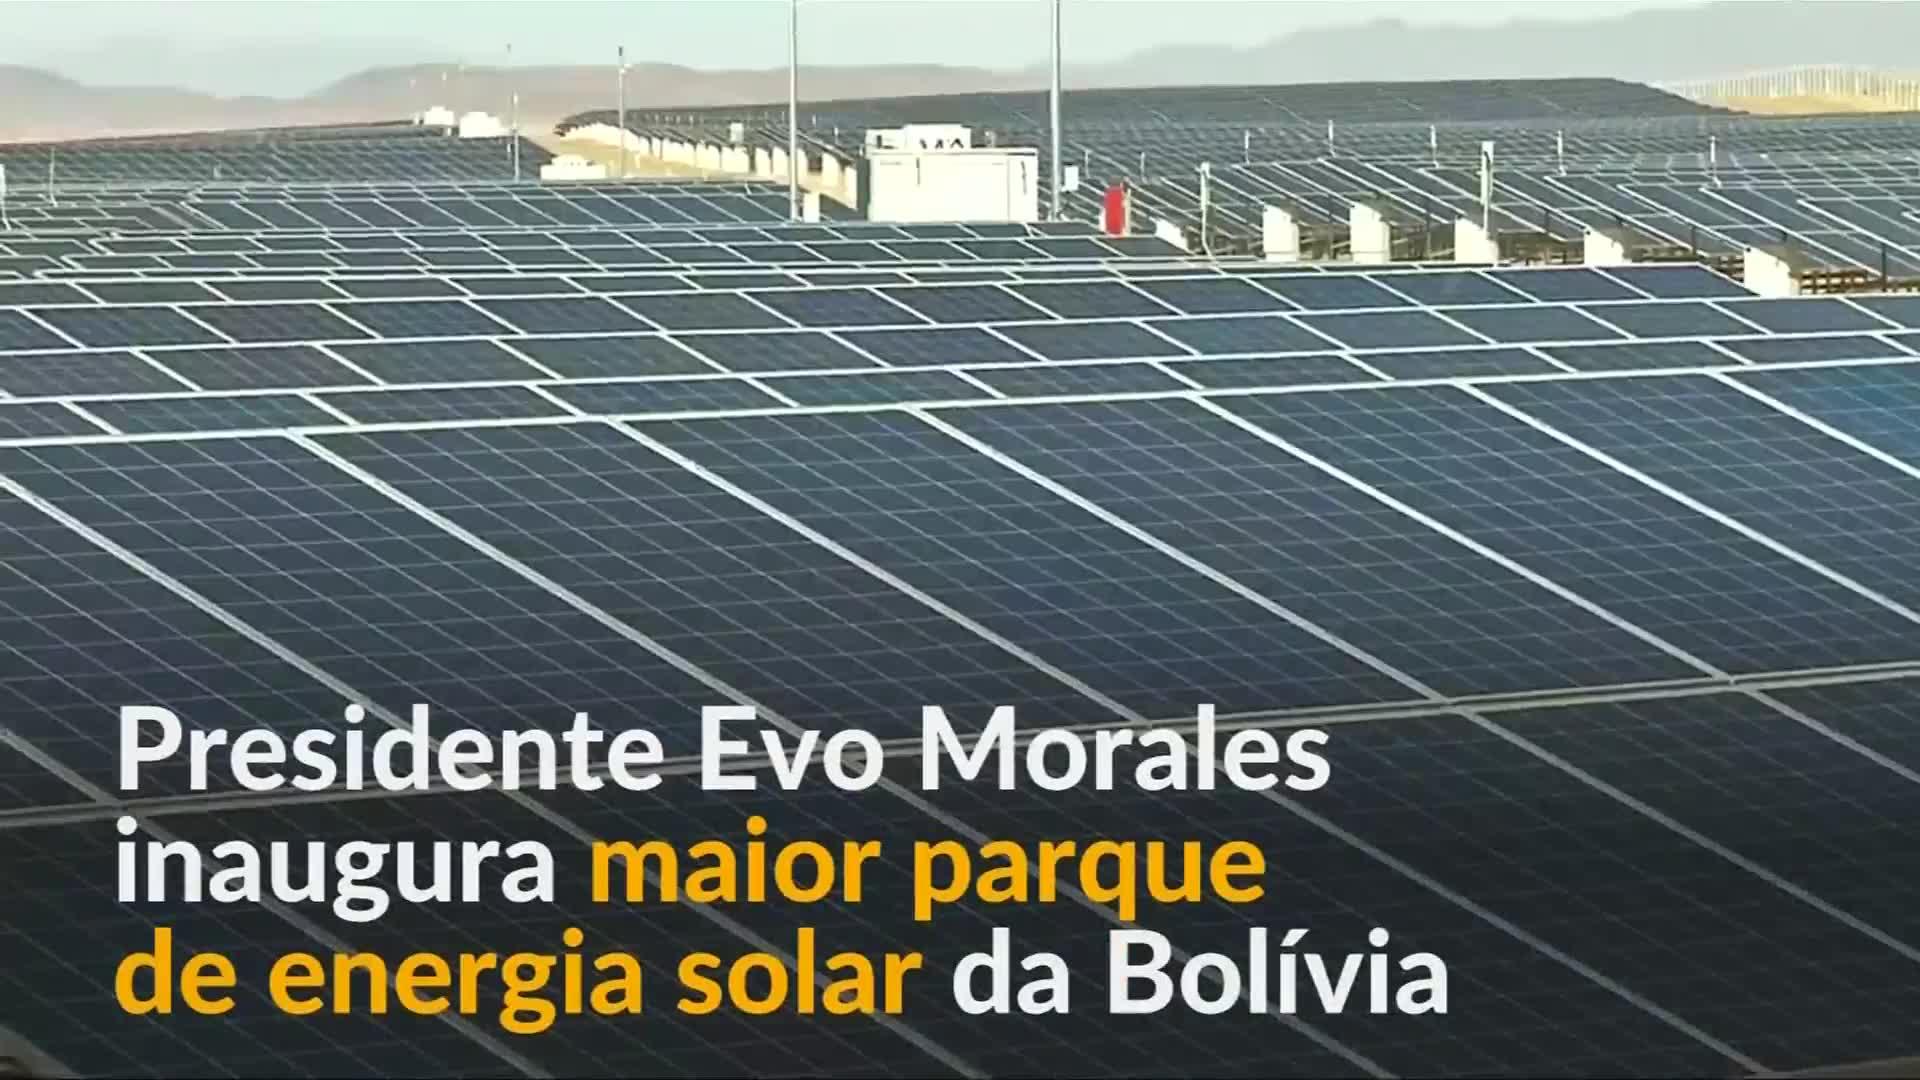 Evo Morales inaugura maior parque de energia solar da Bolívia